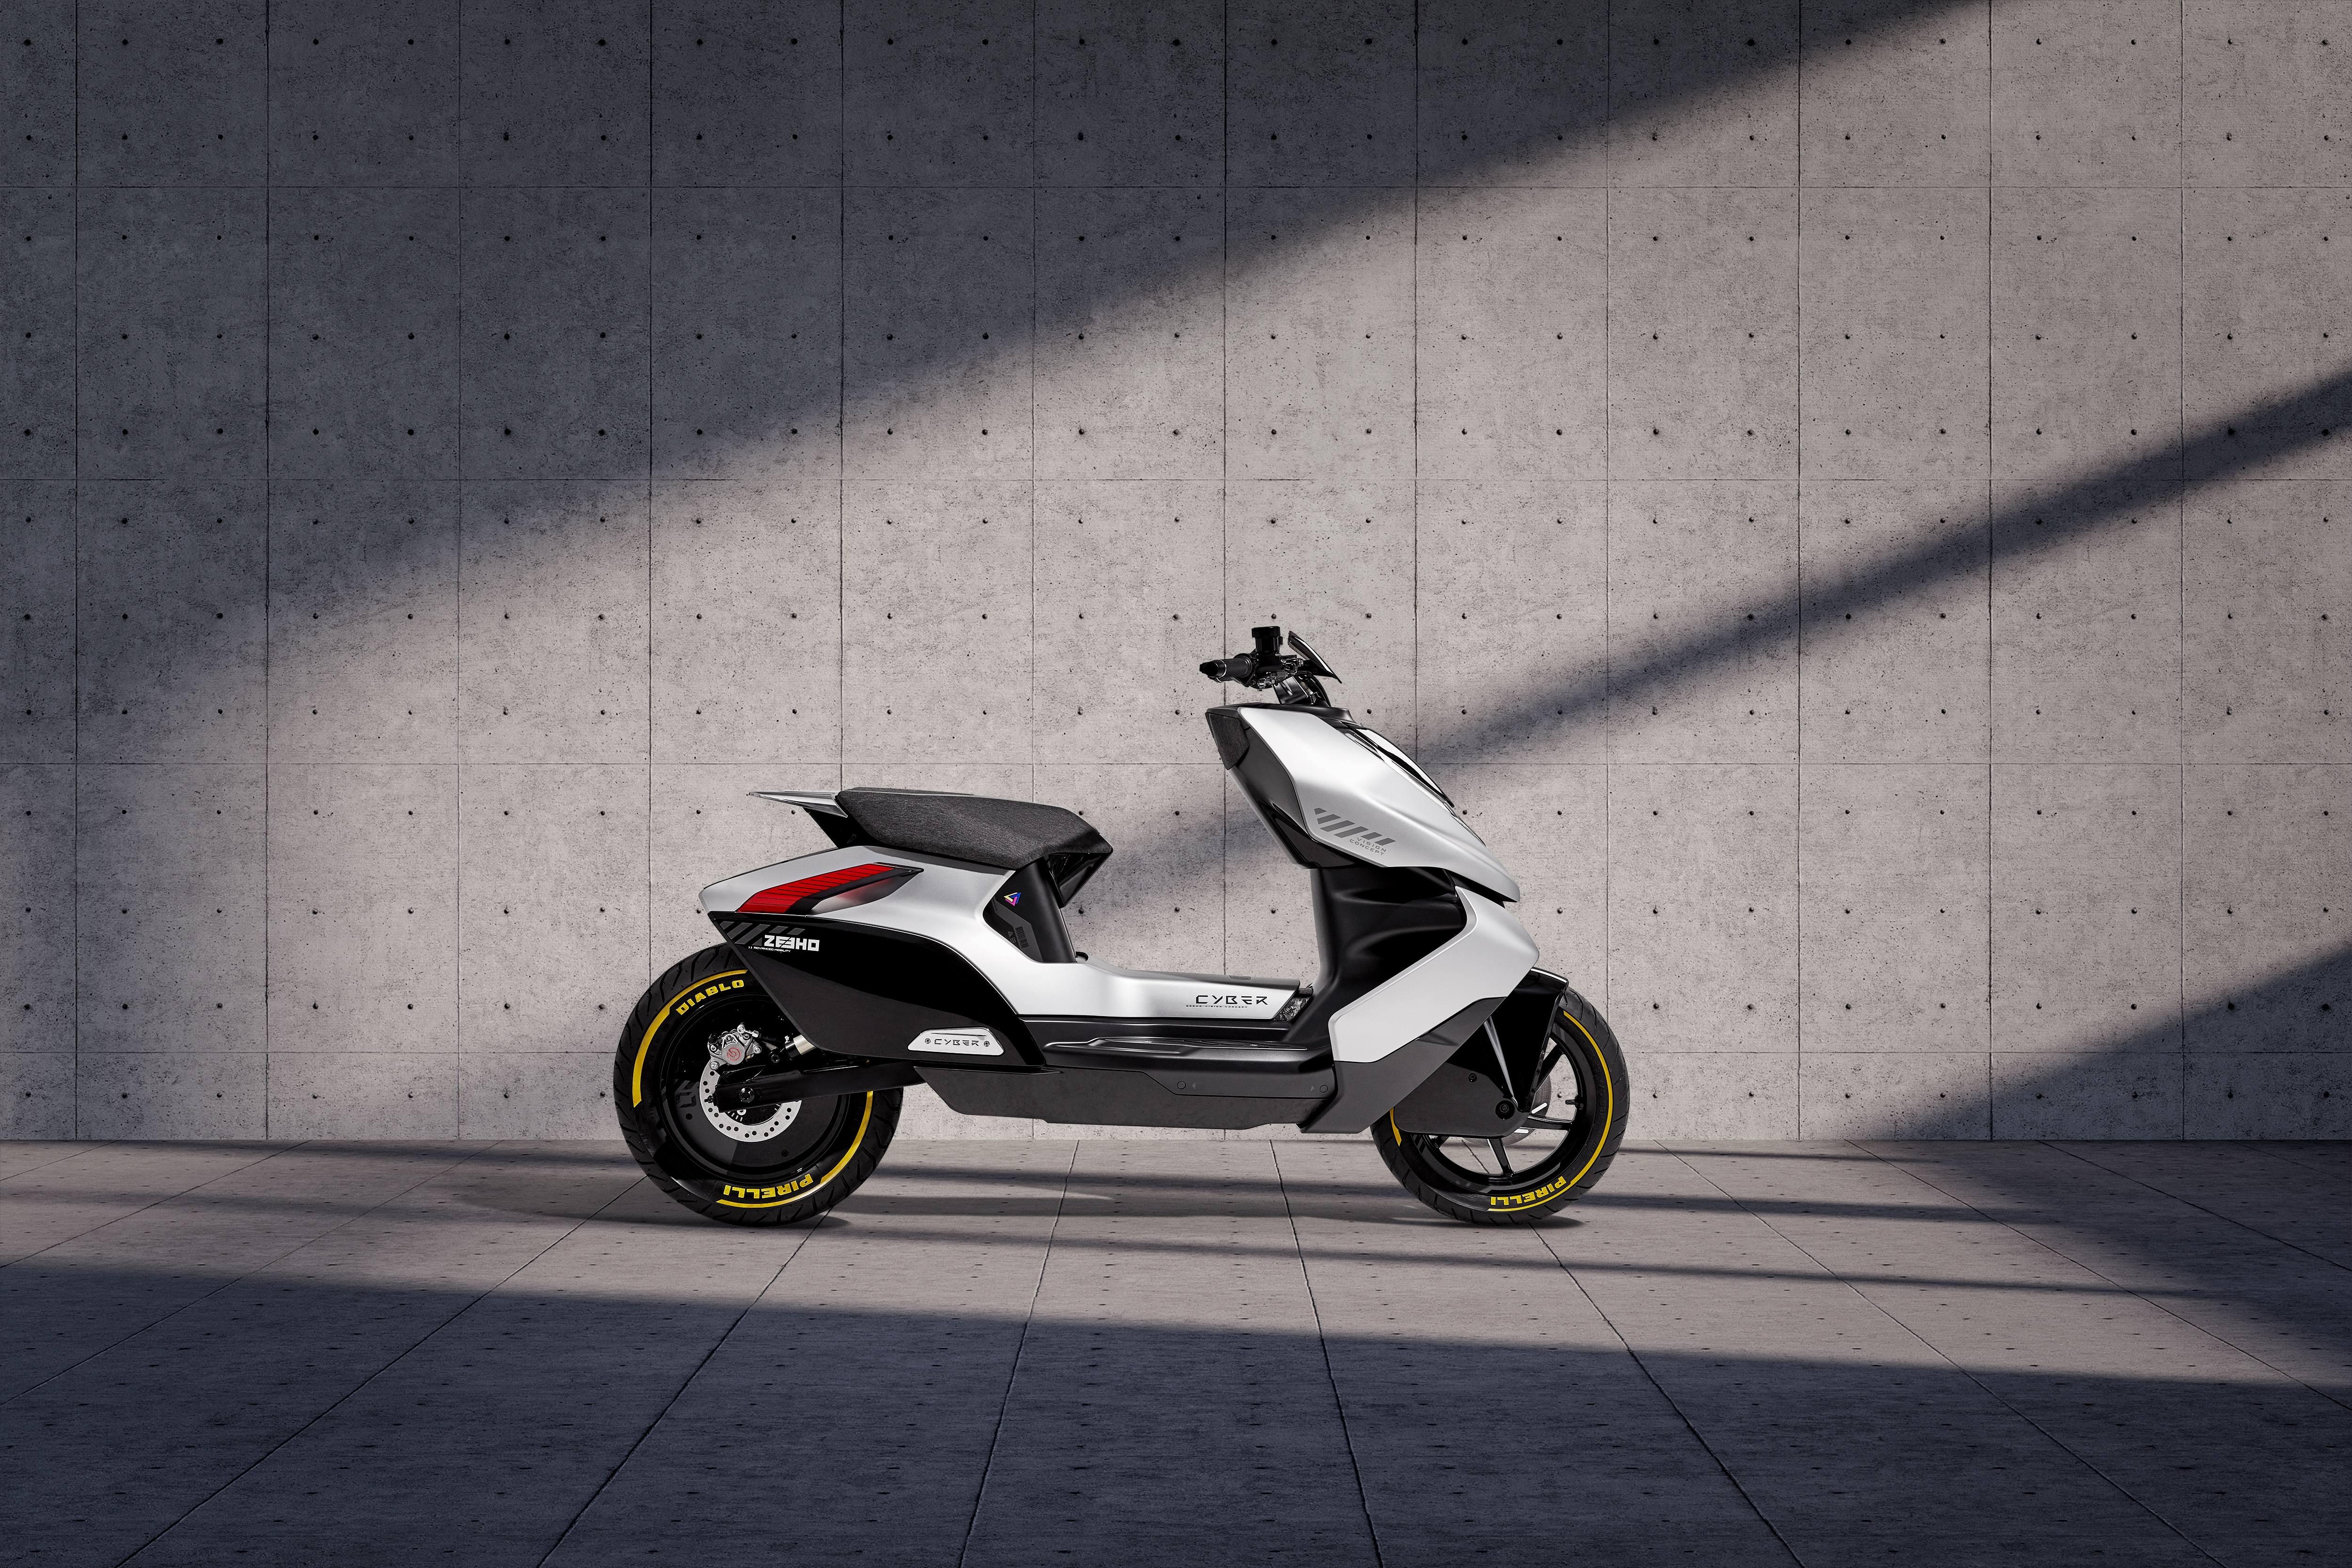 科氪   电摩潮牌ZEEHO诞生,春风动力旗下电动车品牌正式发布